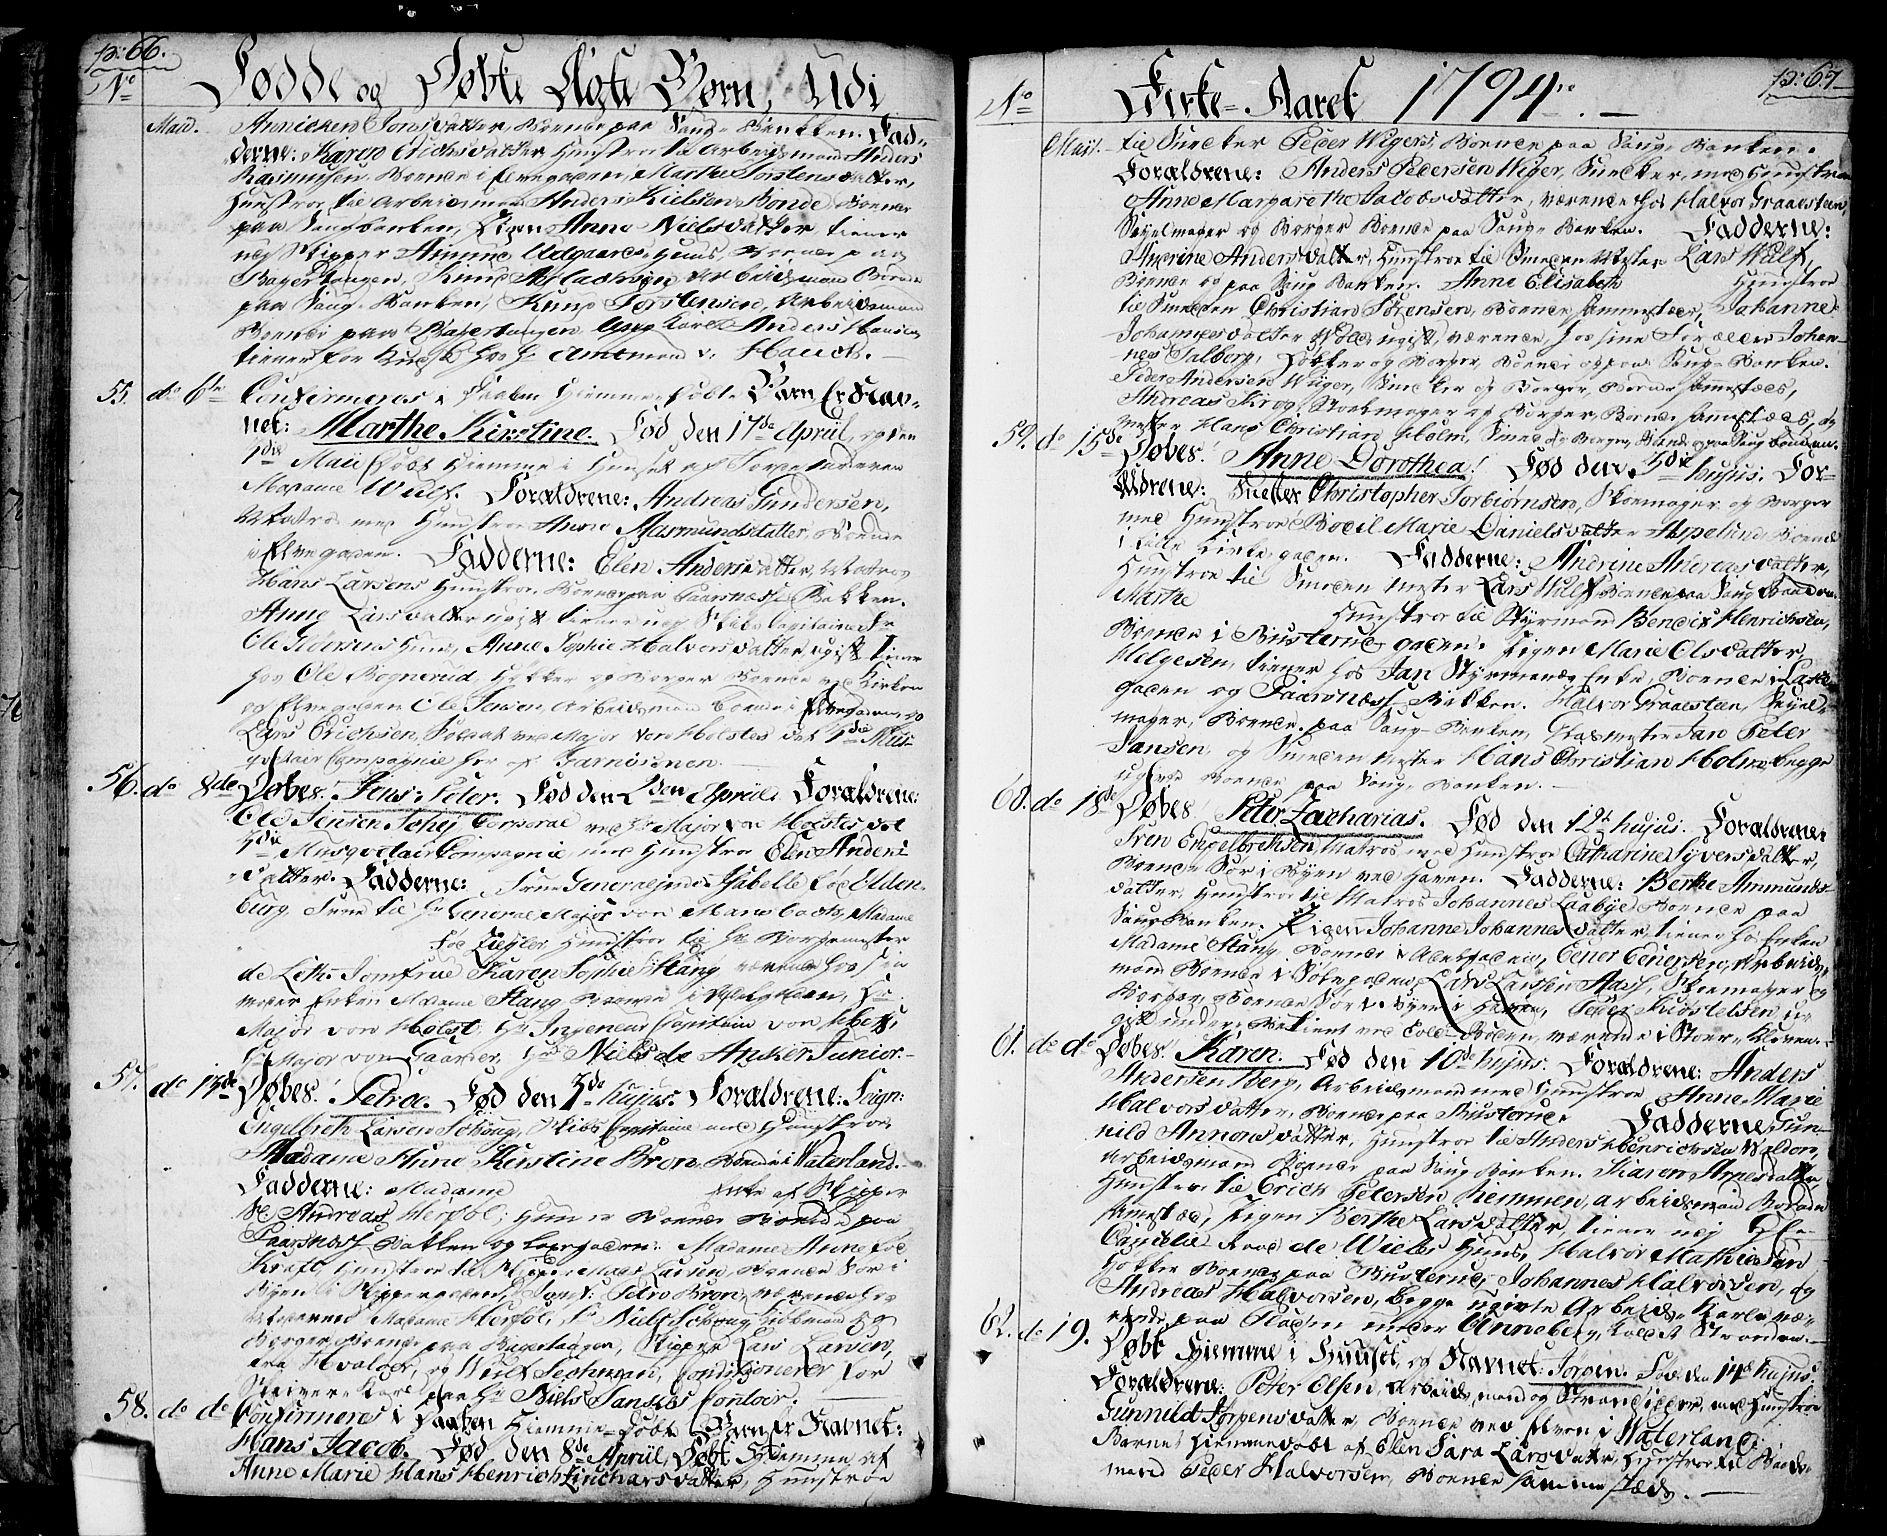 SAO, Halden prestekontor Kirkebøker, F/Fa/L0002: Ministerialbok nr. I 2, 1792-1812, s. 66-67